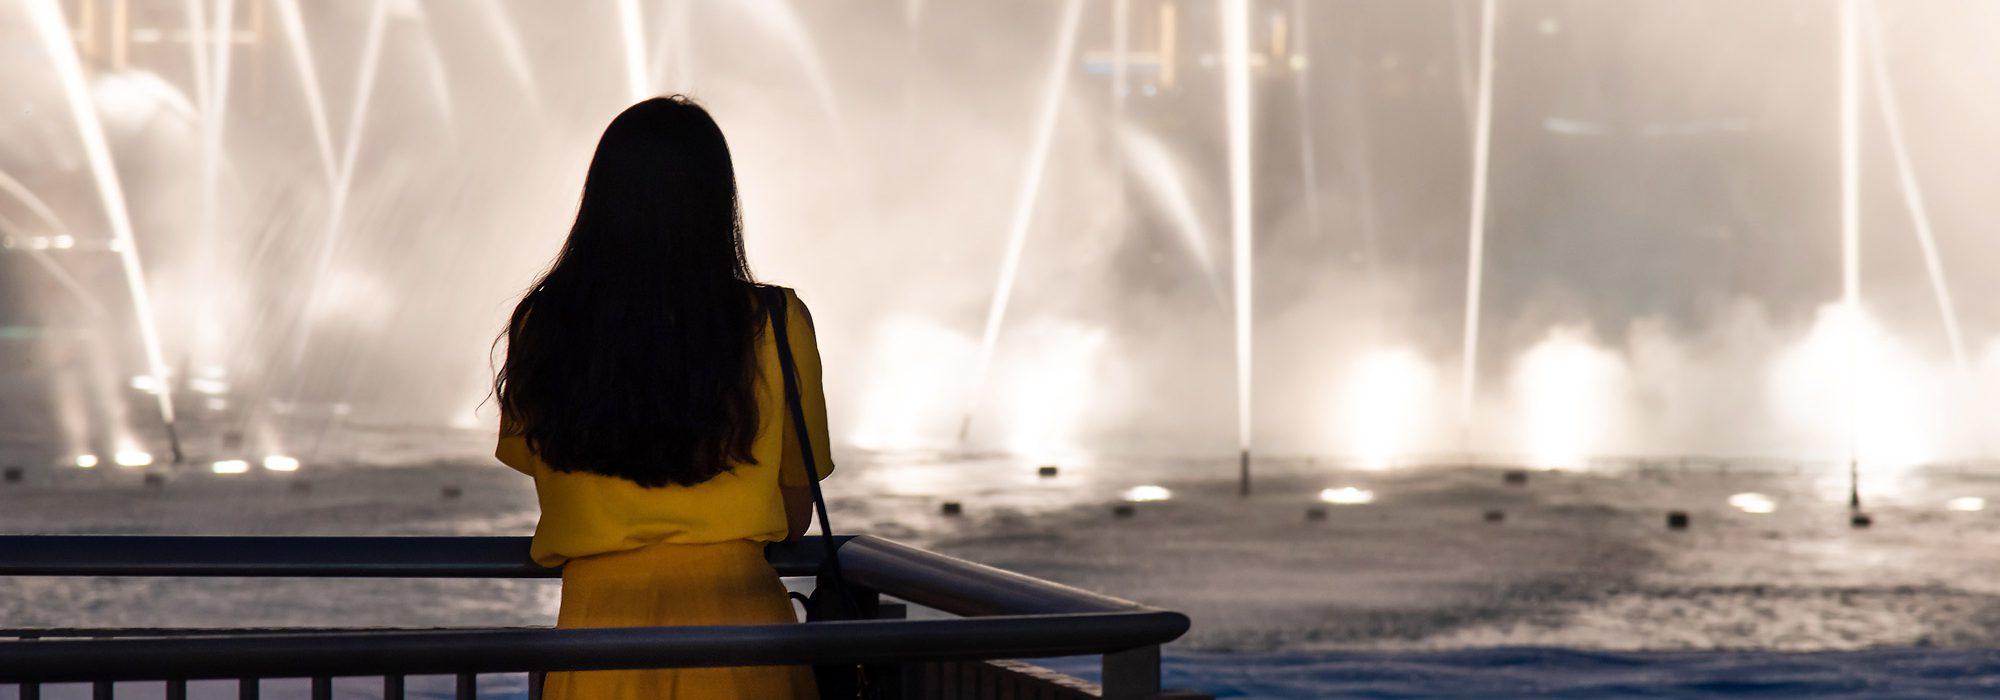 Frau vor der Dubai Fountain am Burj Khalifa